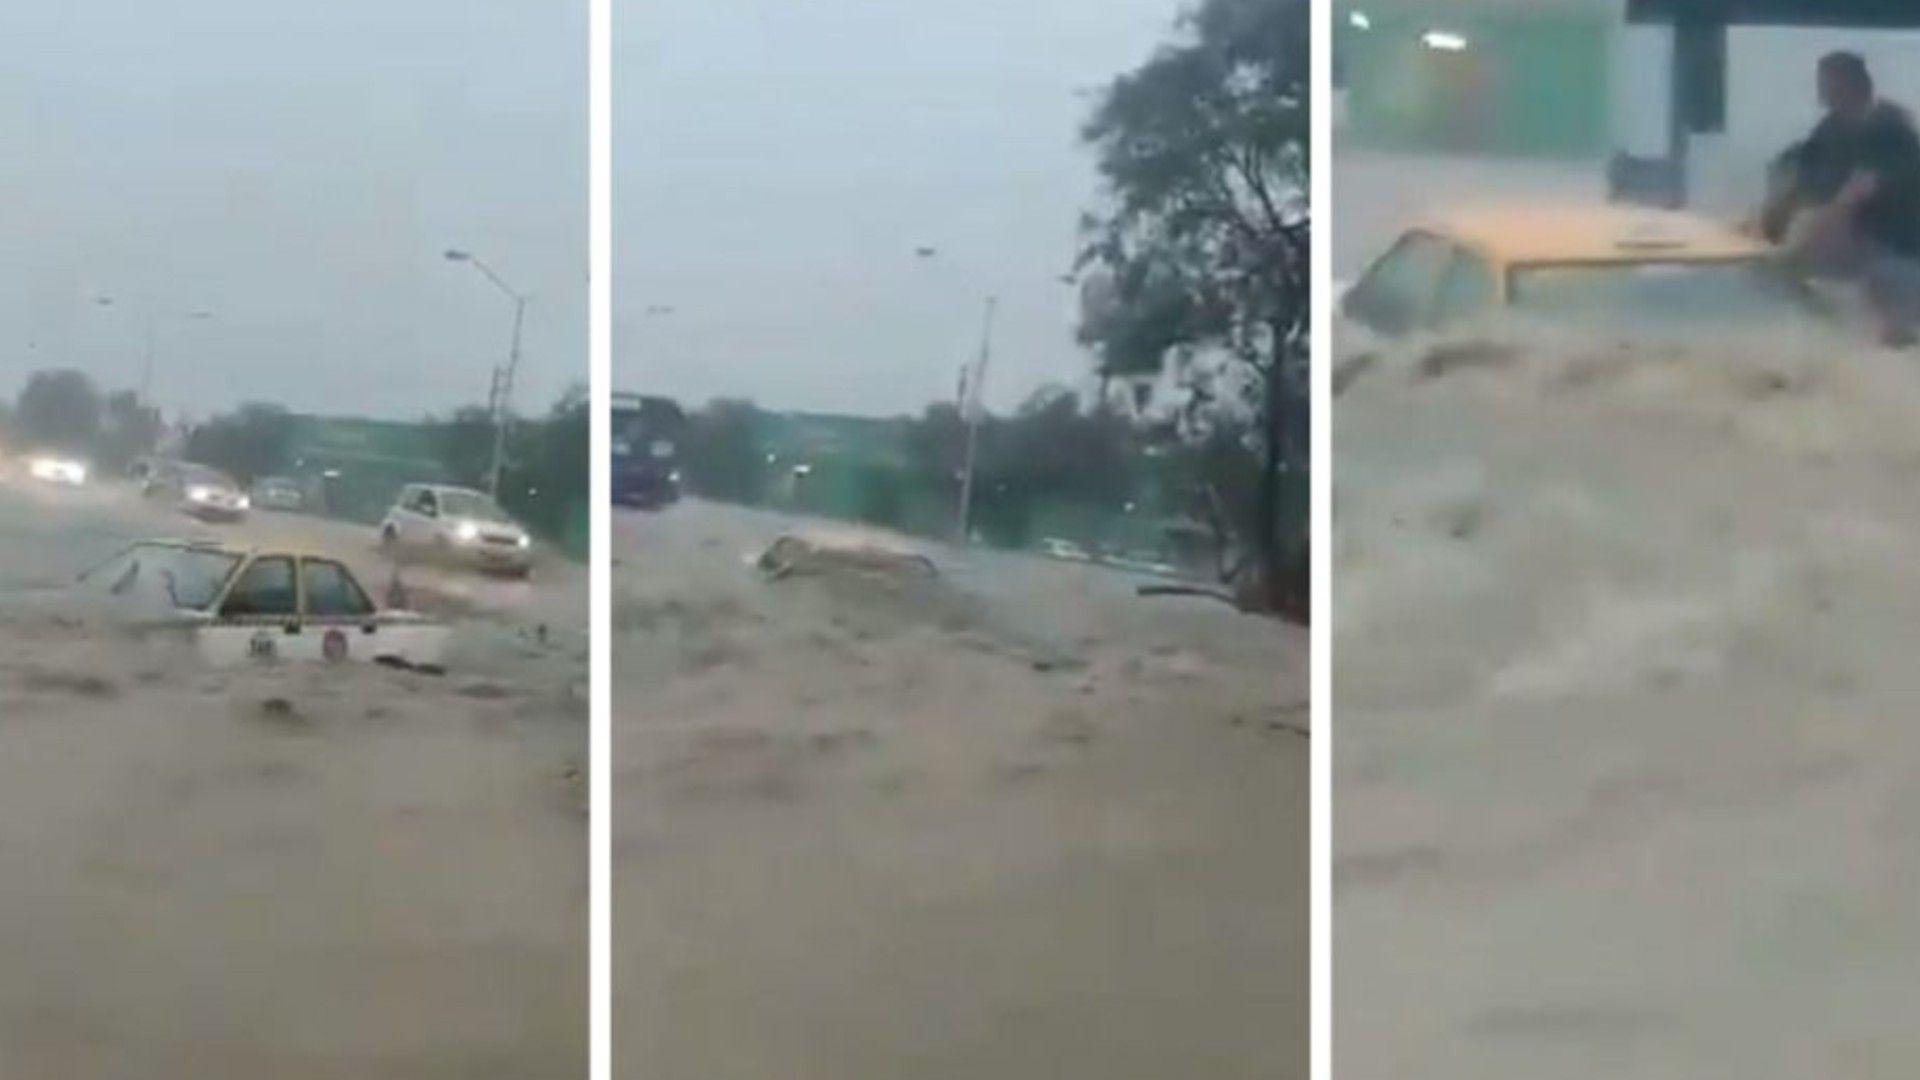 Un taxista intentó desafiar a la corriente de agua, pero fue arrastrada por ésta. Su imprudencia provocó que abandonara la unidad en medio del deslave (Foto: Especial)